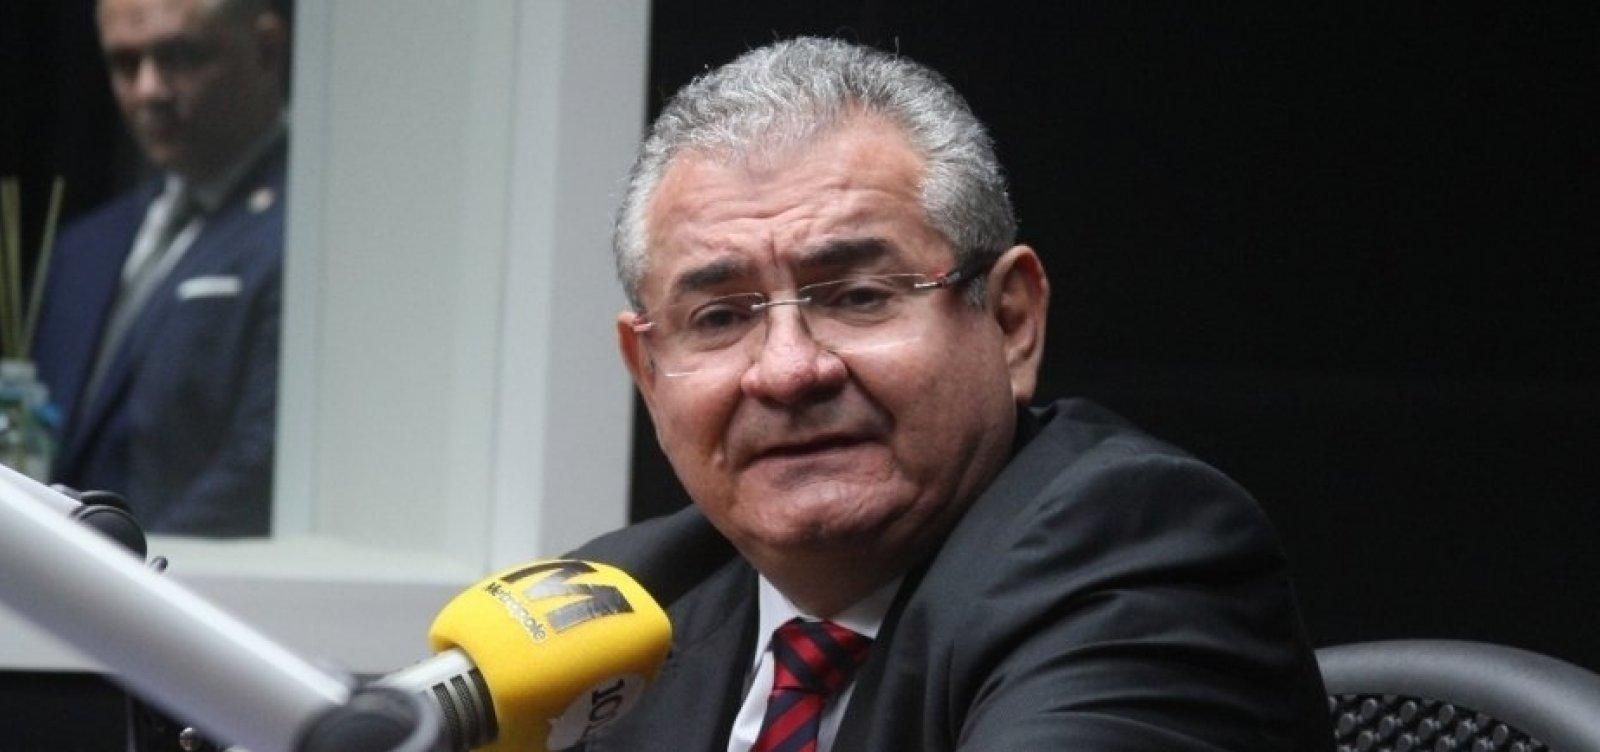 [Se plataforma digital não contribuir, não pode ficar no Brasil, diz presidente da CPI das fake news]